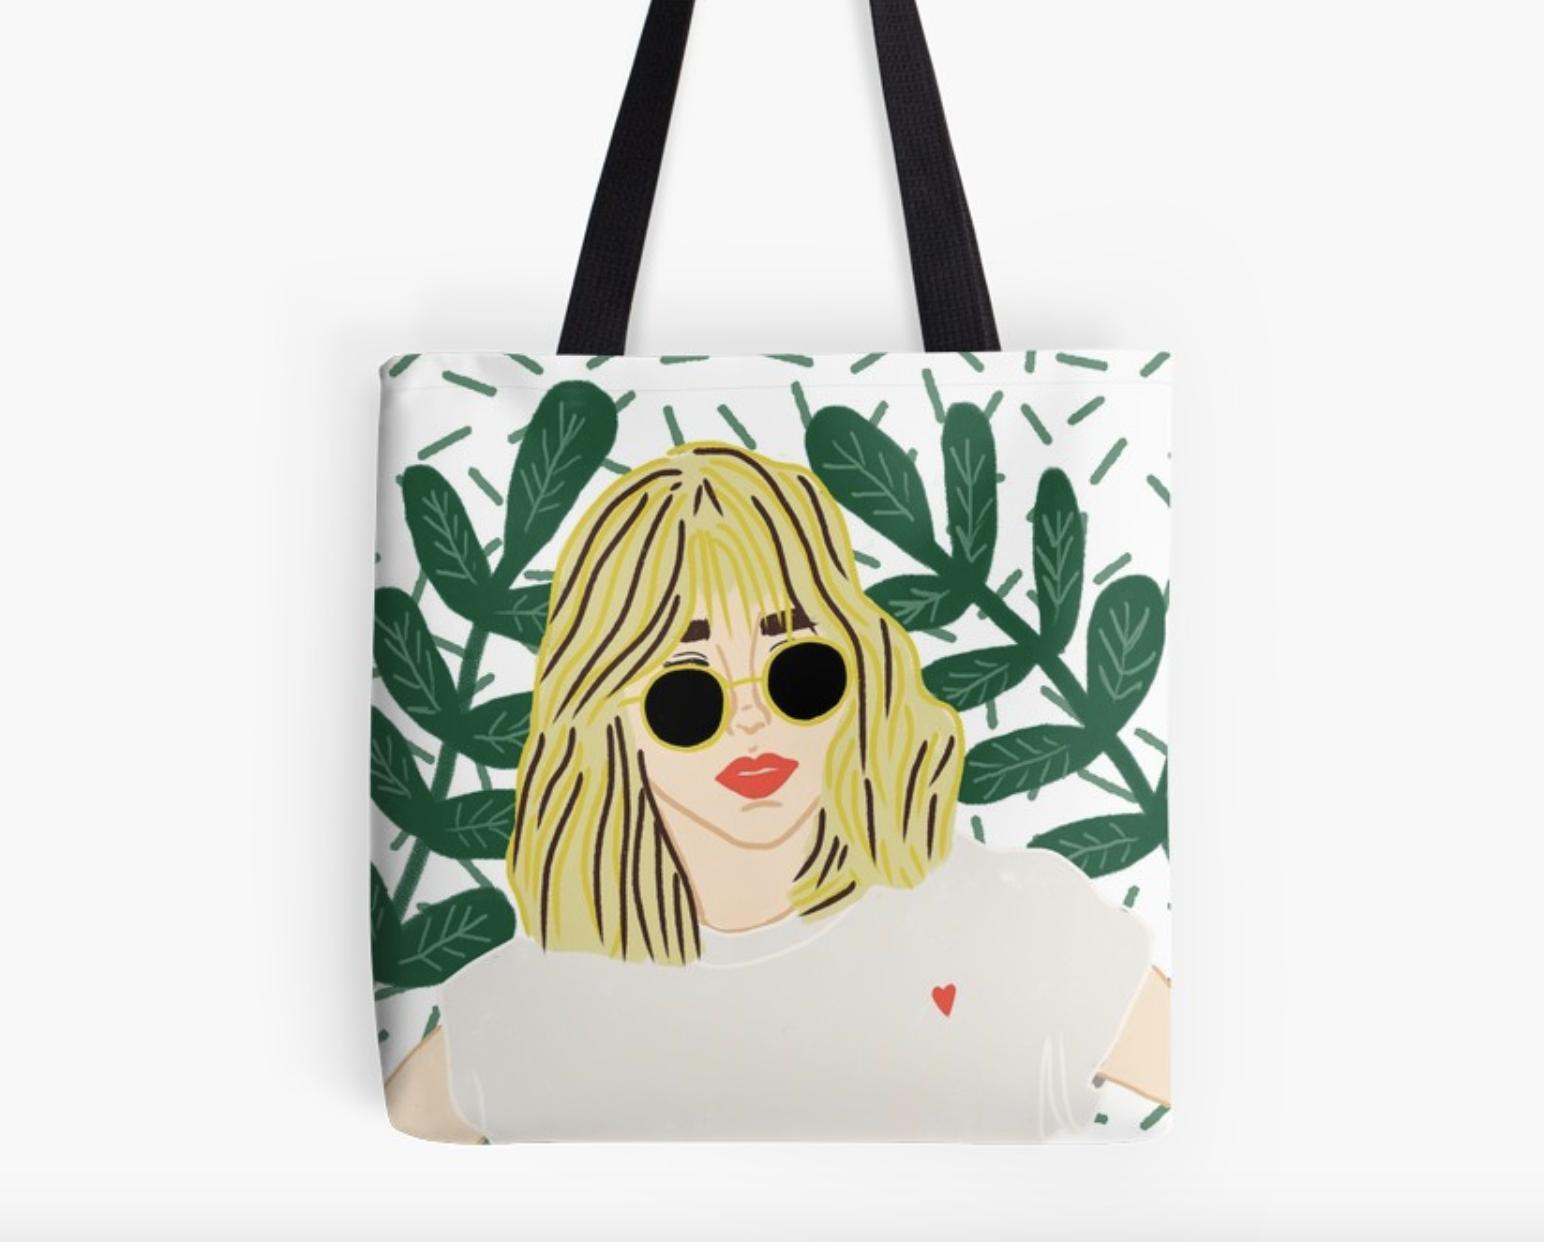 Sunglasses Girl - Tote Bag